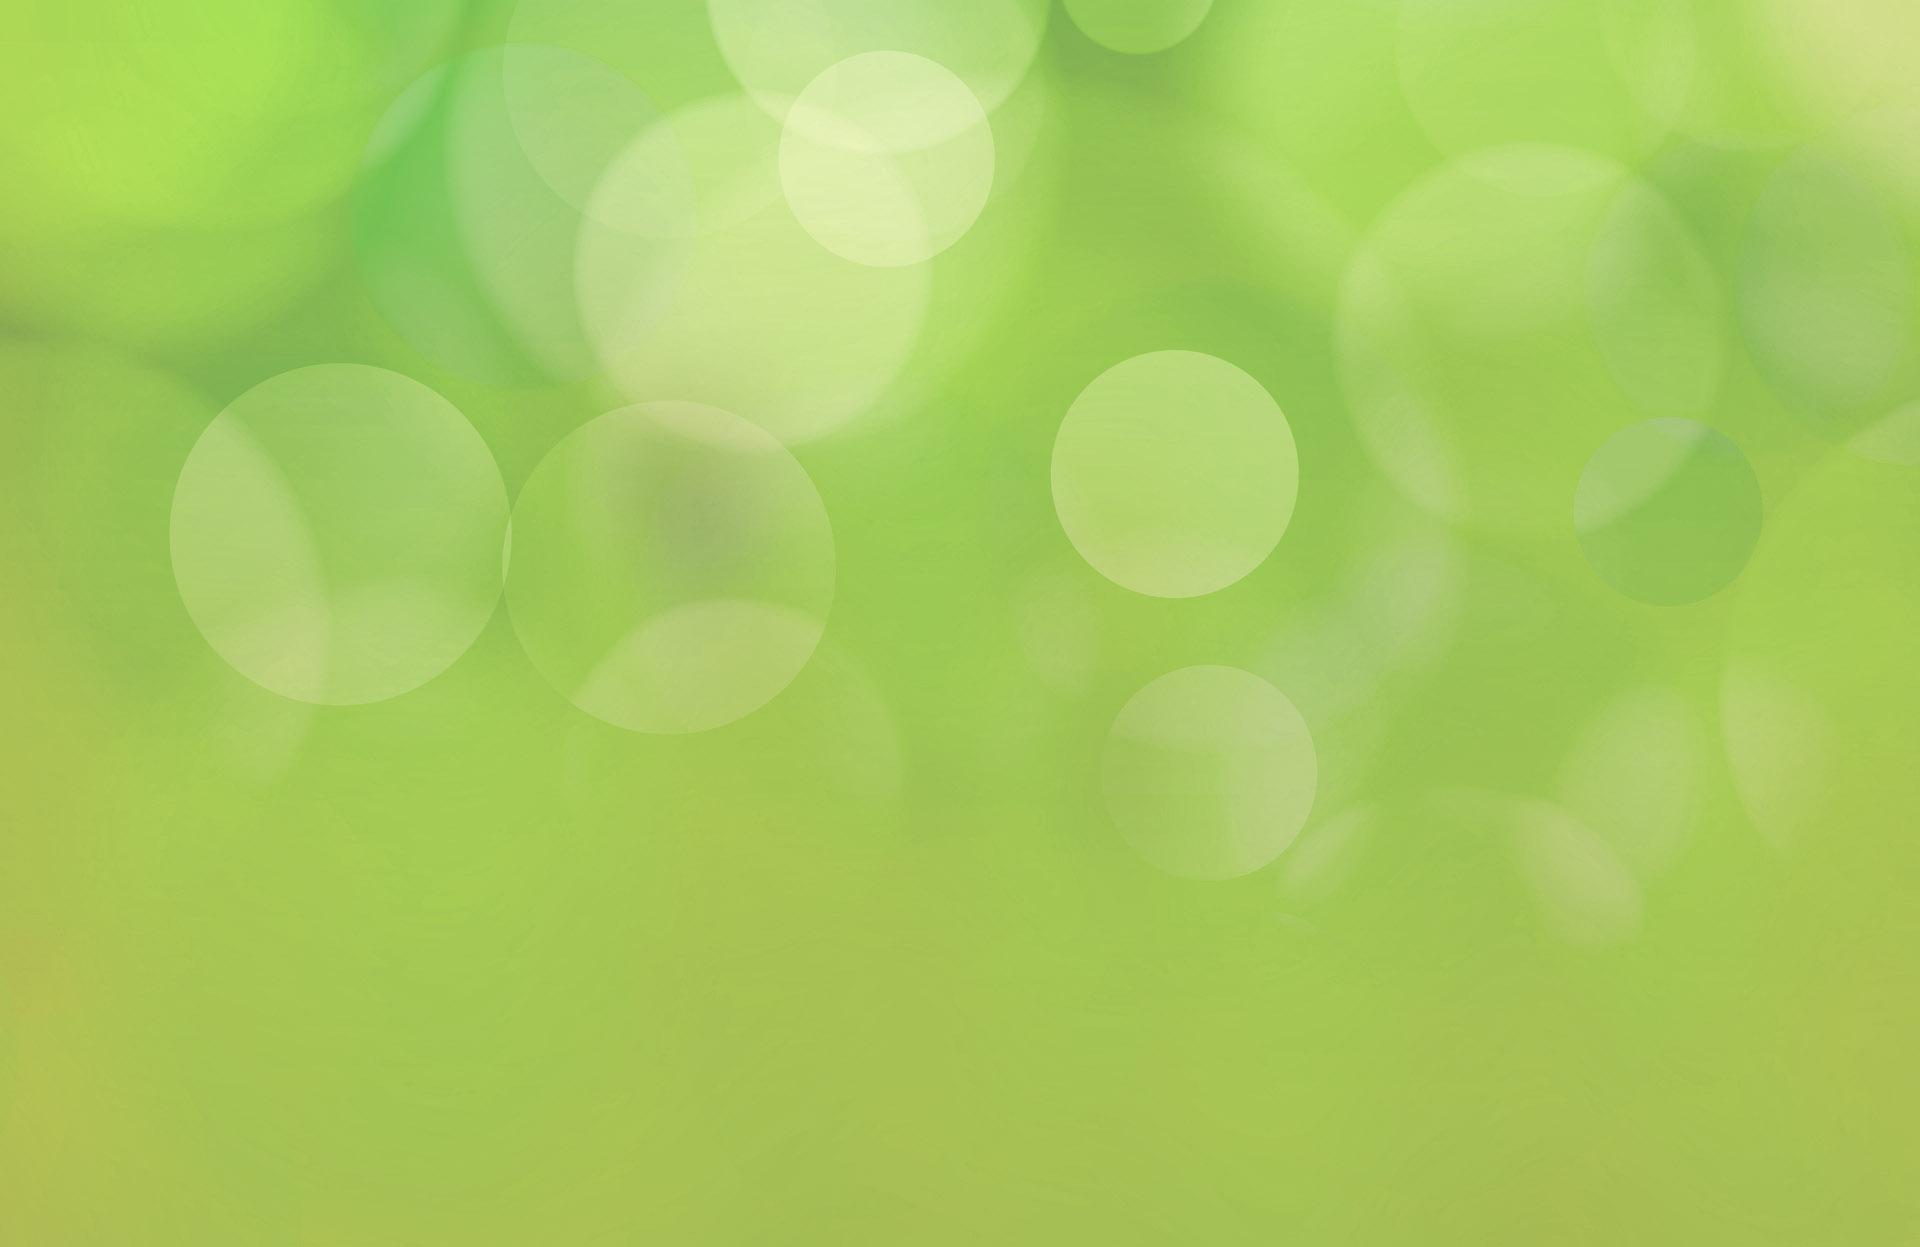 bokehgreen.jpg